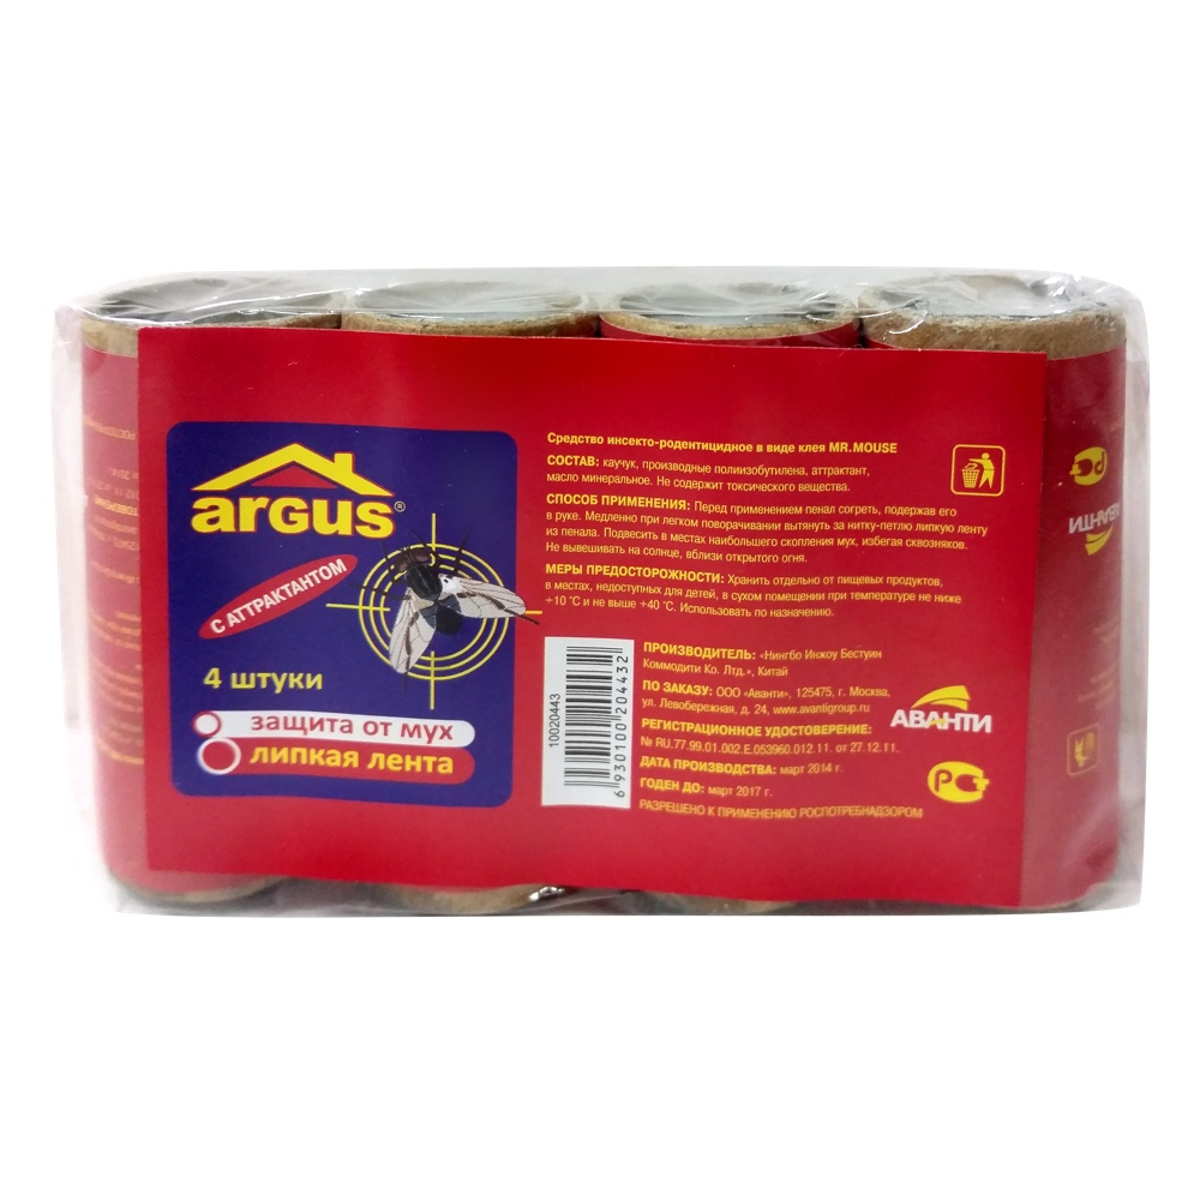 Липкая лента от мух Argus, в пленке, 4 штУТ-00000169Липкая лента Argus - это удобное и простое в использовании средство, которое надежно защитит вас и вашу семью от мух в закрытом помещении или значительно снизит их количество на открытом воздухе. Специальный аттрактант является привлекательной приманкой для мух, что делает липкие ленты Argus наиболее эффективными. Не содержит веществ, опасных для людей и домашних животных. Для помещения площадью 10 м2 требуется 2-3 липучки.Состав: каучук, производные полиизобутилена, аттрактант, масло минеральное.